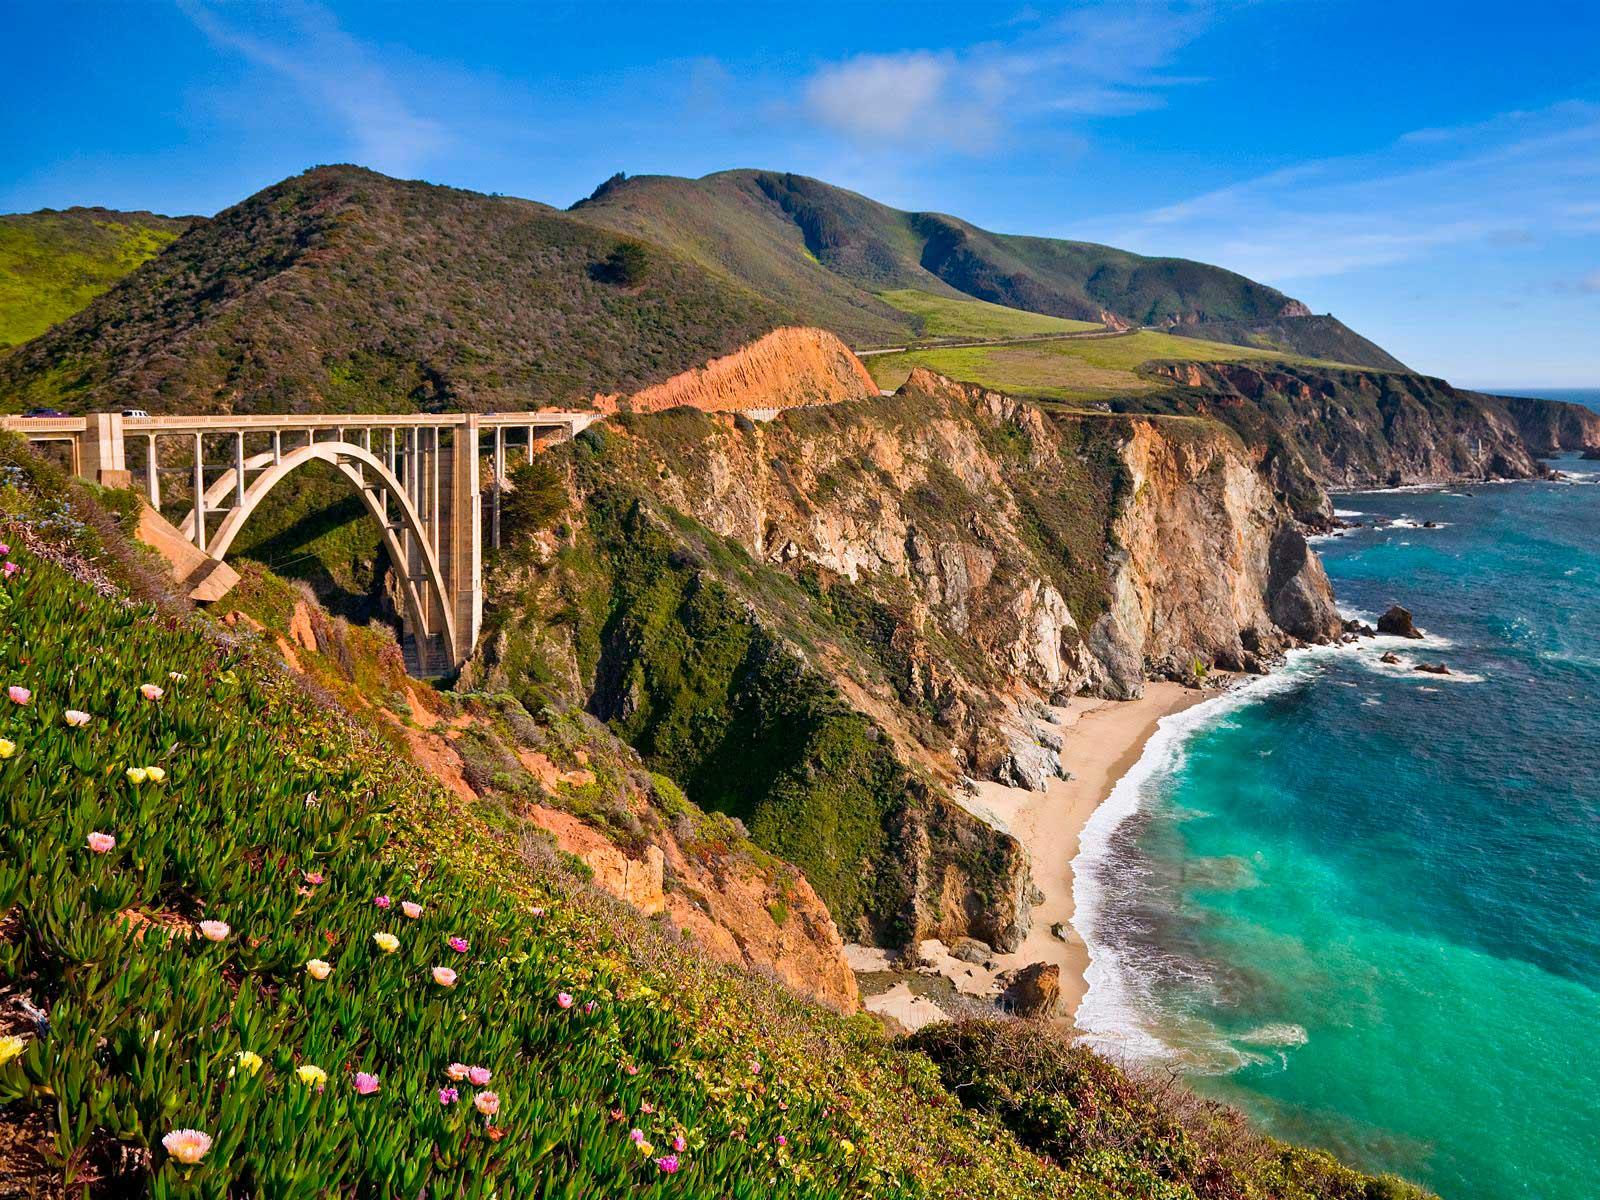 Big Sur/ Crédito foto: http://blog.encontresuaviagem.com.br/destinos/highway-1-incrivel-beleza-pela-costa-californiana